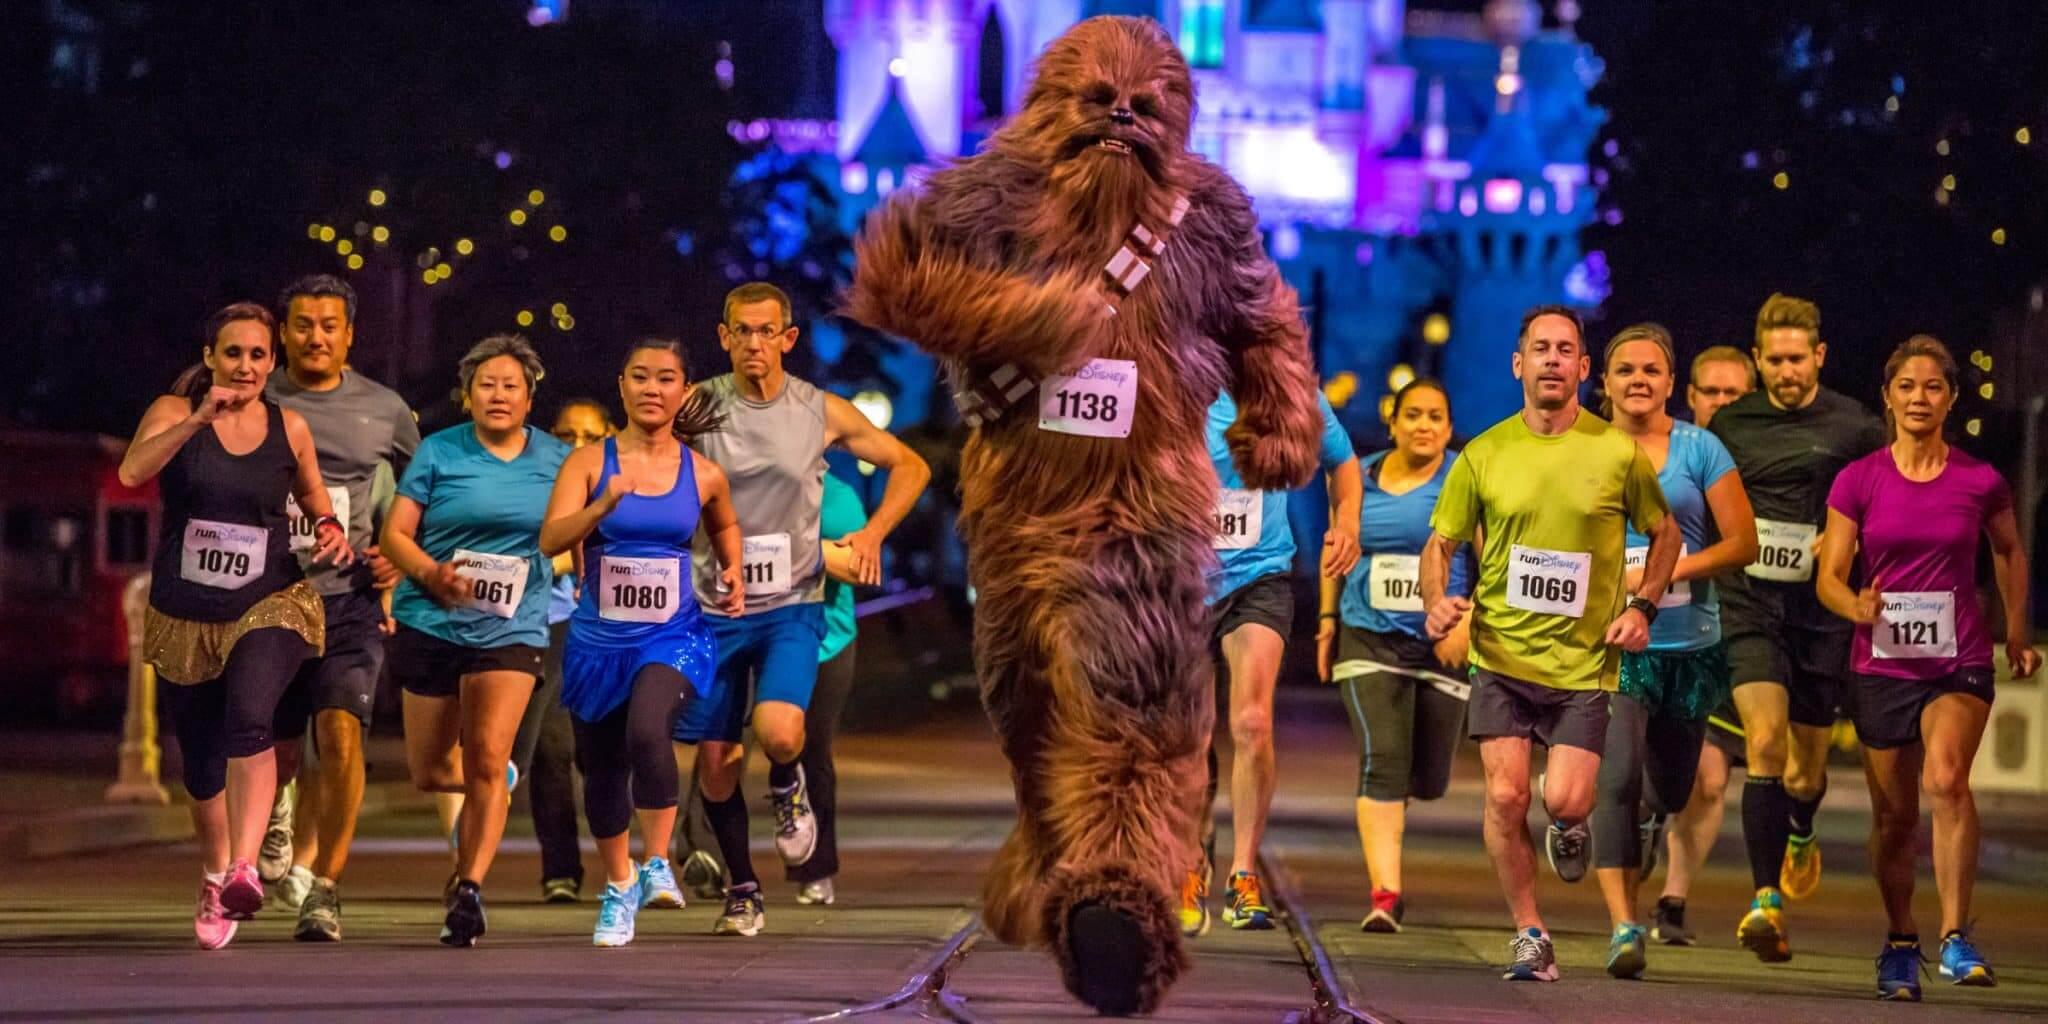 Corridas e maratonas da Disney Orlando em 2020: Corrida Star Wars